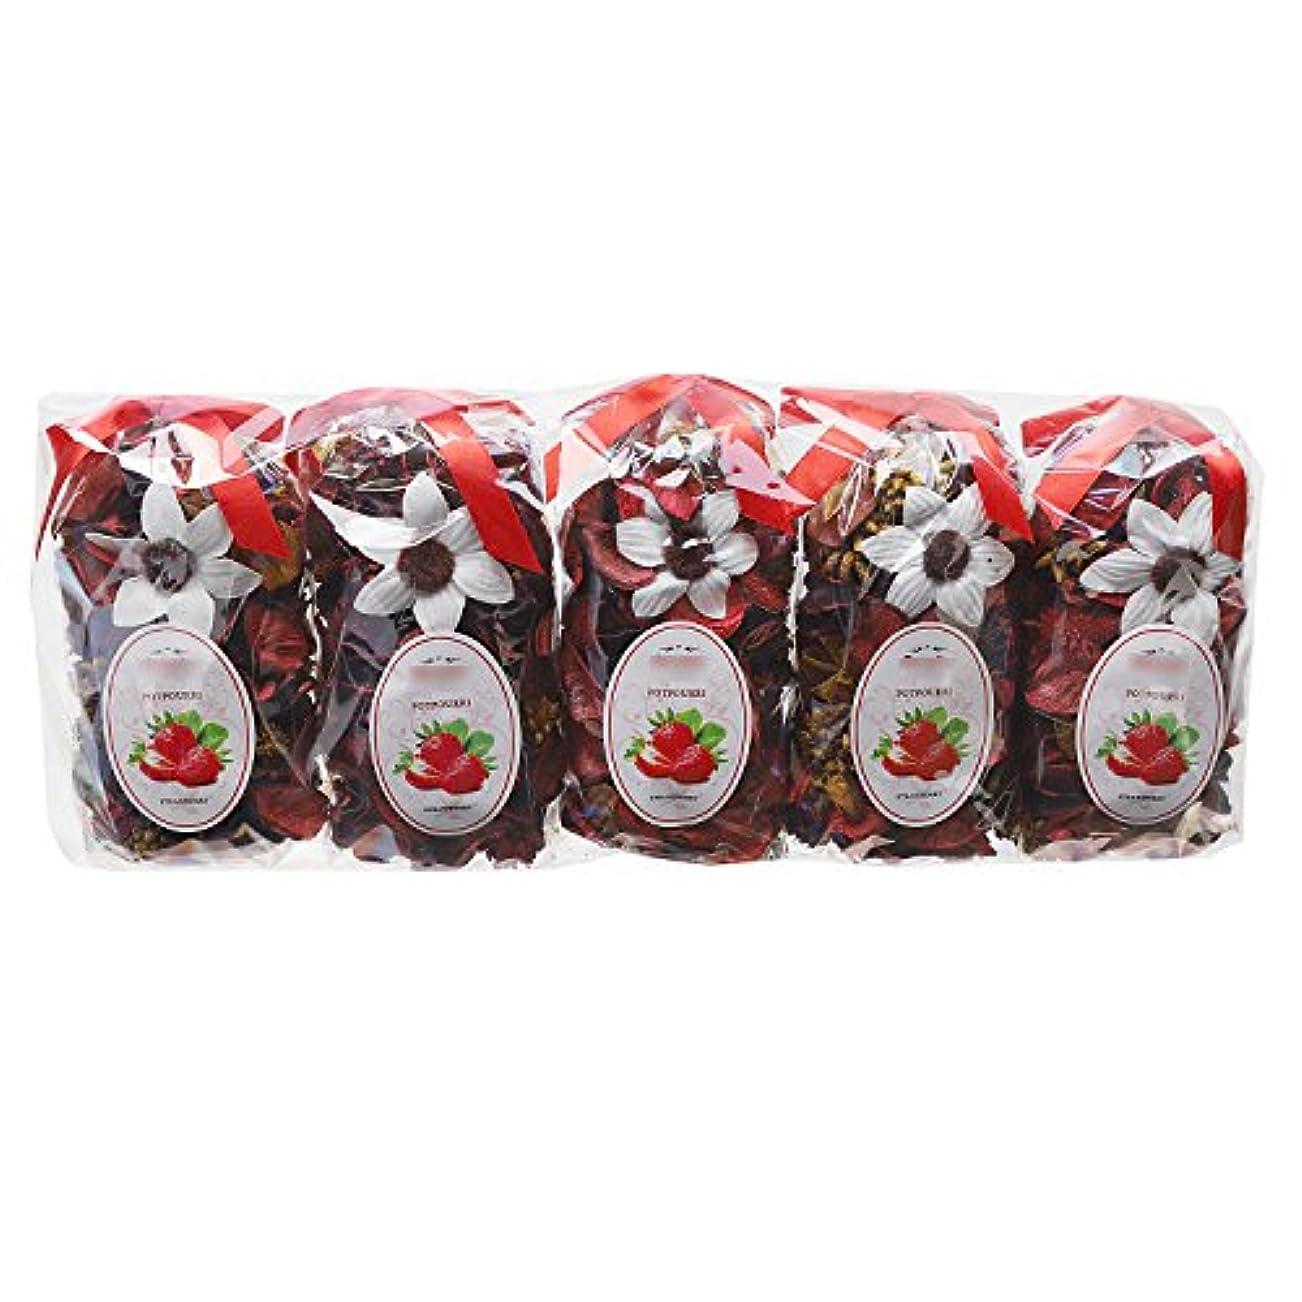 出席する逸脱助けになるQingbei Rina ポプリ 赤色 250g イチゴのポプリ ギフト 手作りの自然素材